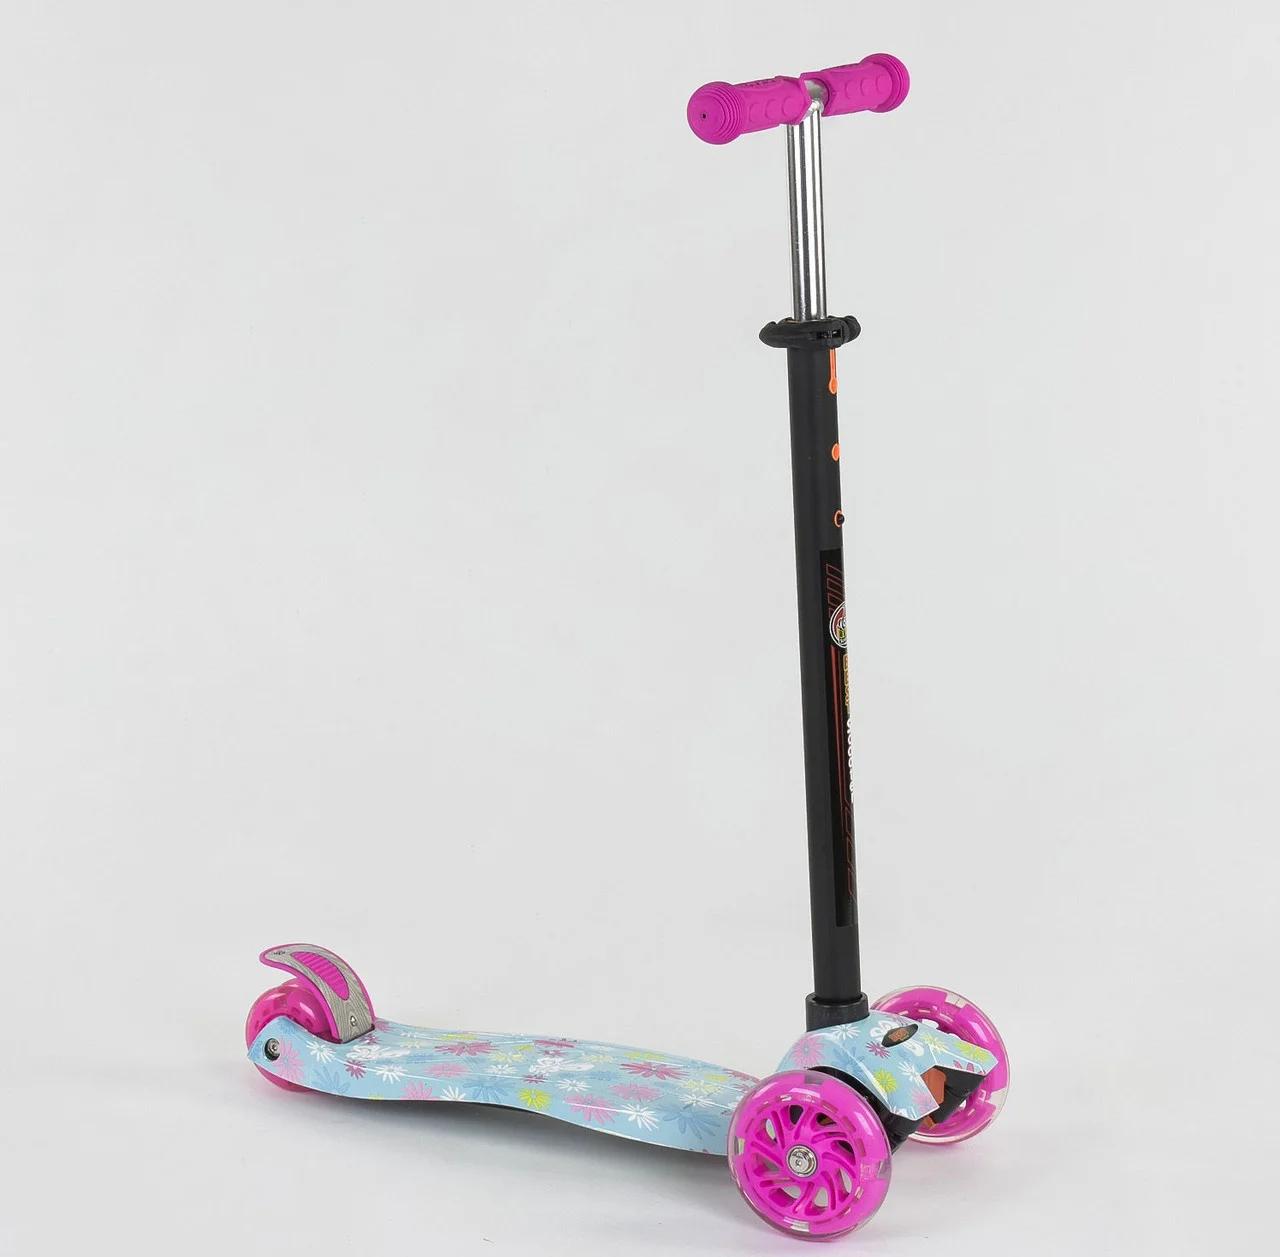 """Самокат А 25530/779-1328 MAXI """"Best Scooter"""" пластмассовый, 4 колеса PU,свет,трубка руля алюминиевая, d=12 см"""